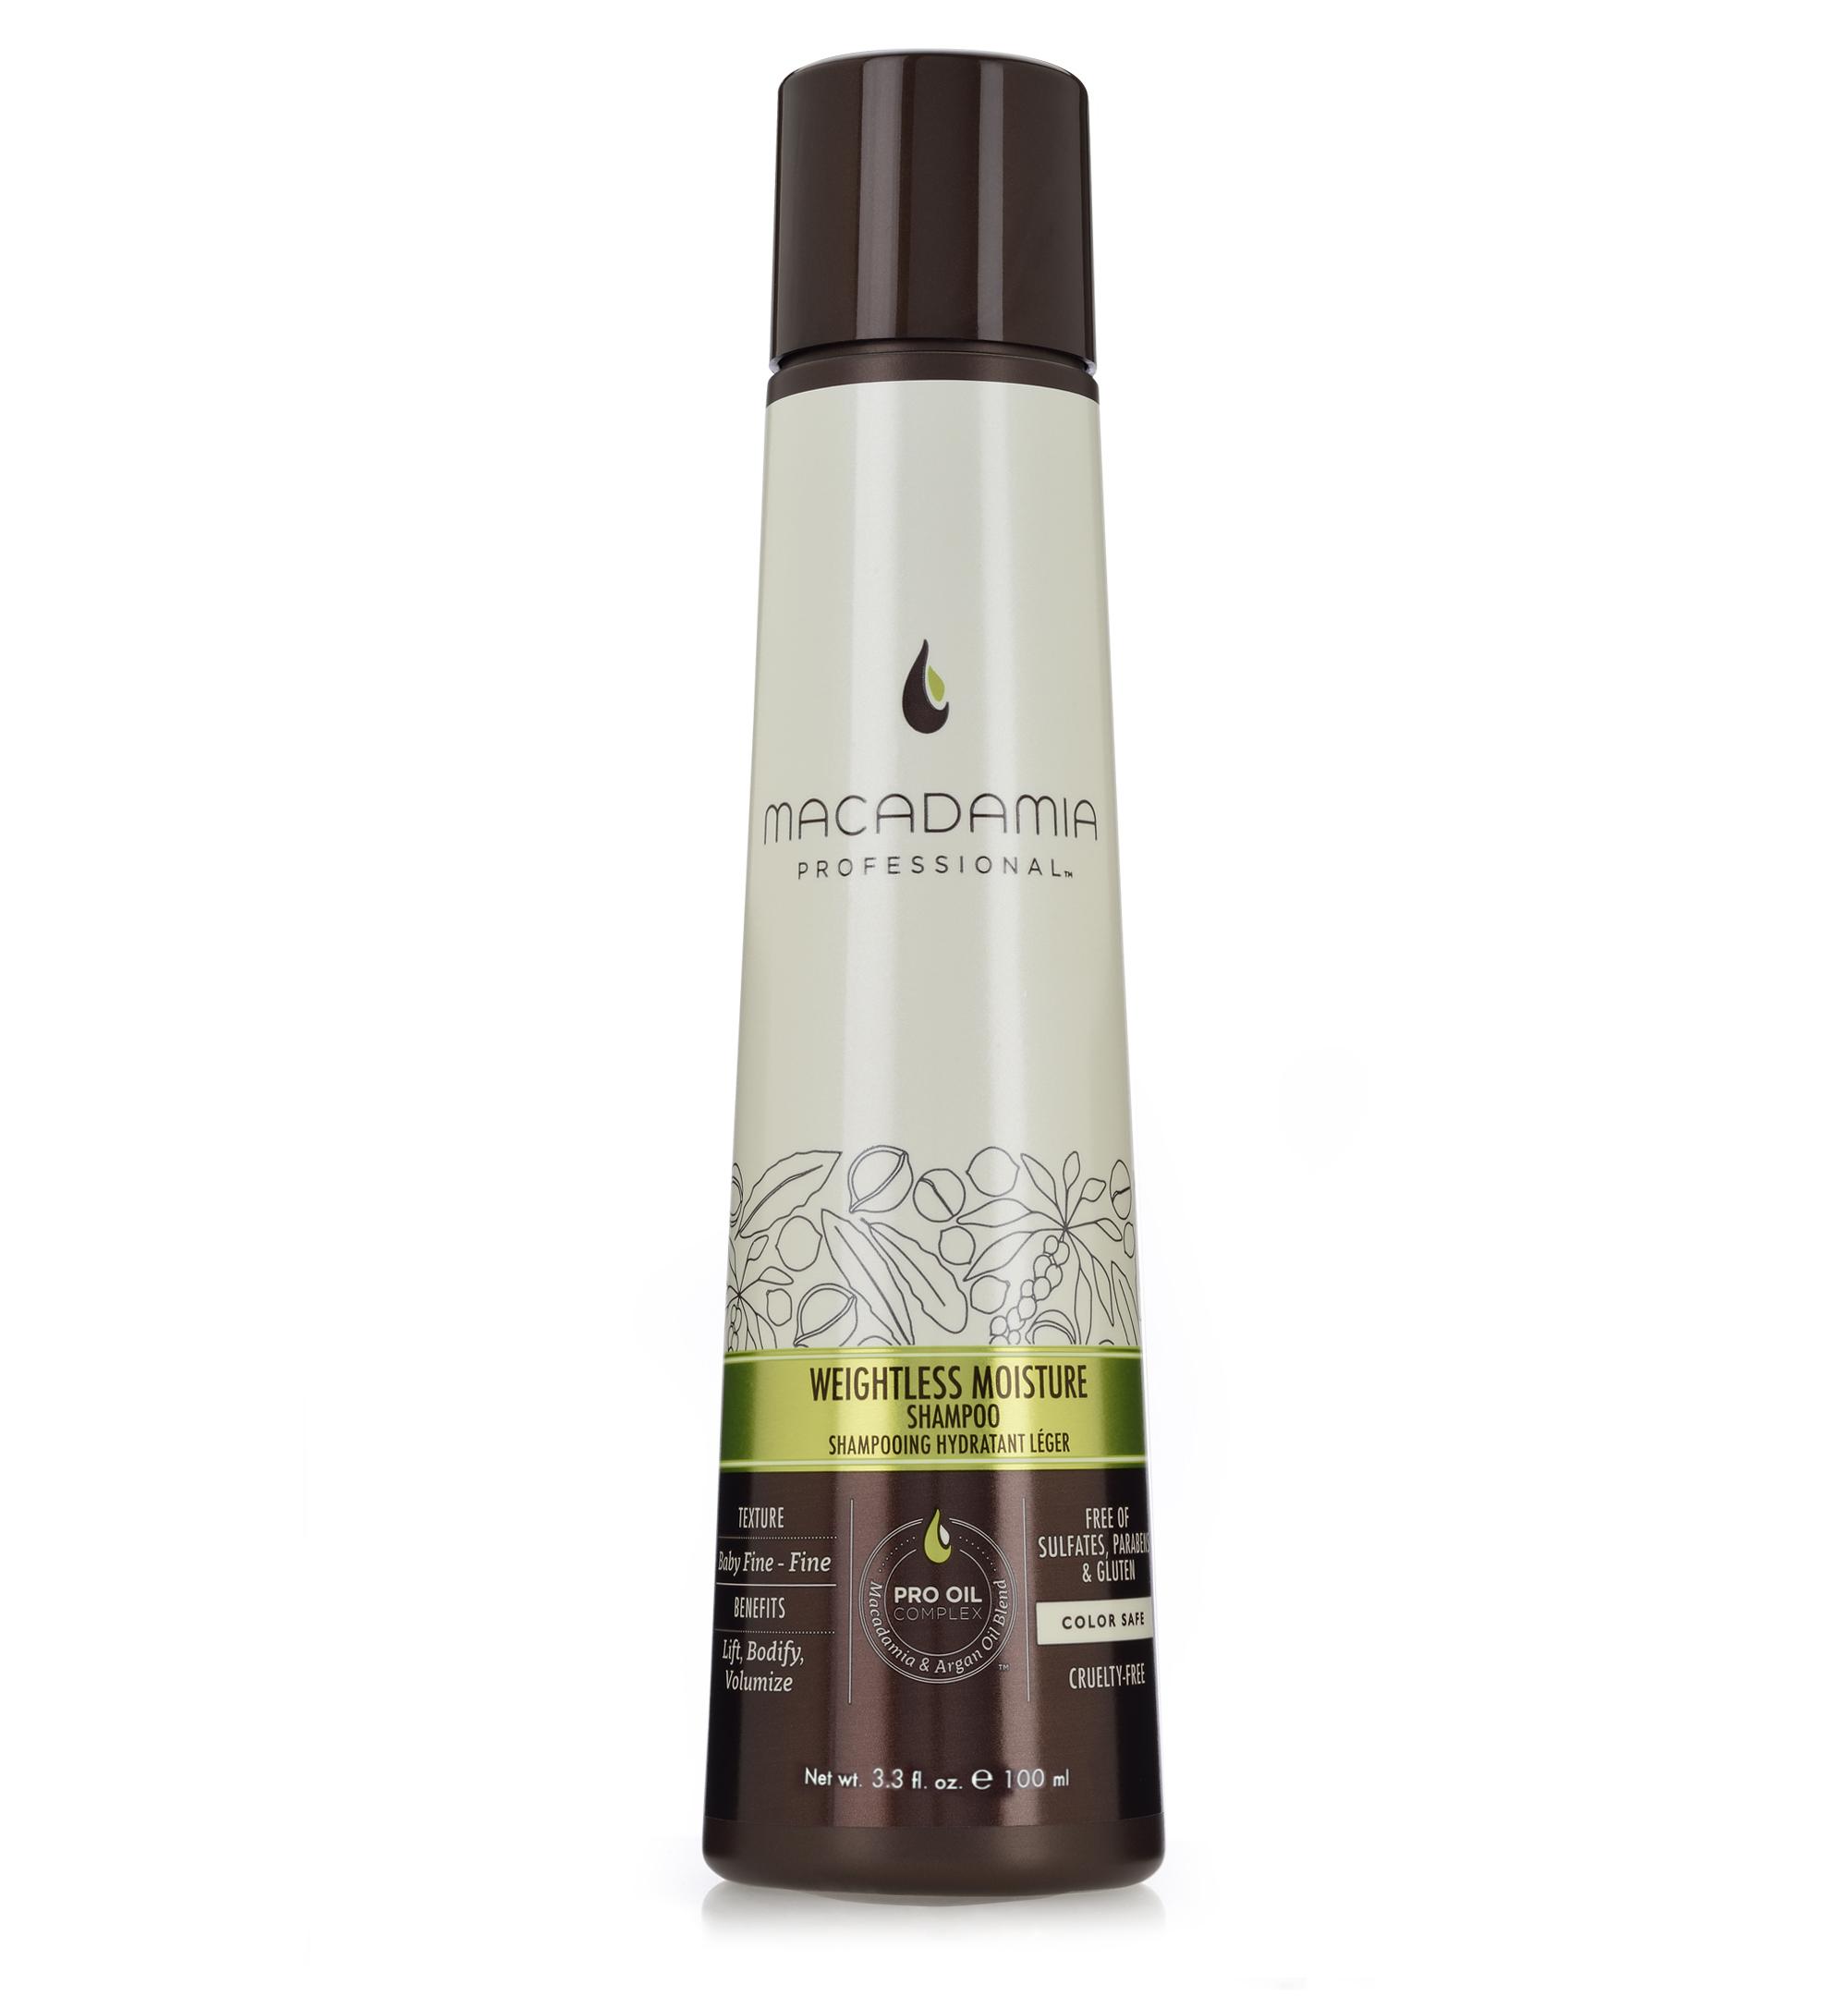 Macadamia Professional Шампунь увлажняющий для тонких волос,100 мл100101Увлажняющий шампунь Macadamia Professional восстанавливает баланс влаги, придает плотность и объем даже самым тонким волосам. Содержит эксклюзивный Pro Oil Complex с маслами макадамии и арганы, масла авокадо и лесного ореха, которые обеспечивают увлажнение и восстановление, увеличивают плотность тонких волос, питают кожу головы. Содержит UVA/UVB фильтры, сохраняет цвет окрашенных волос. Защищает от воздействия неблагоприятных факторов окружающей среды.